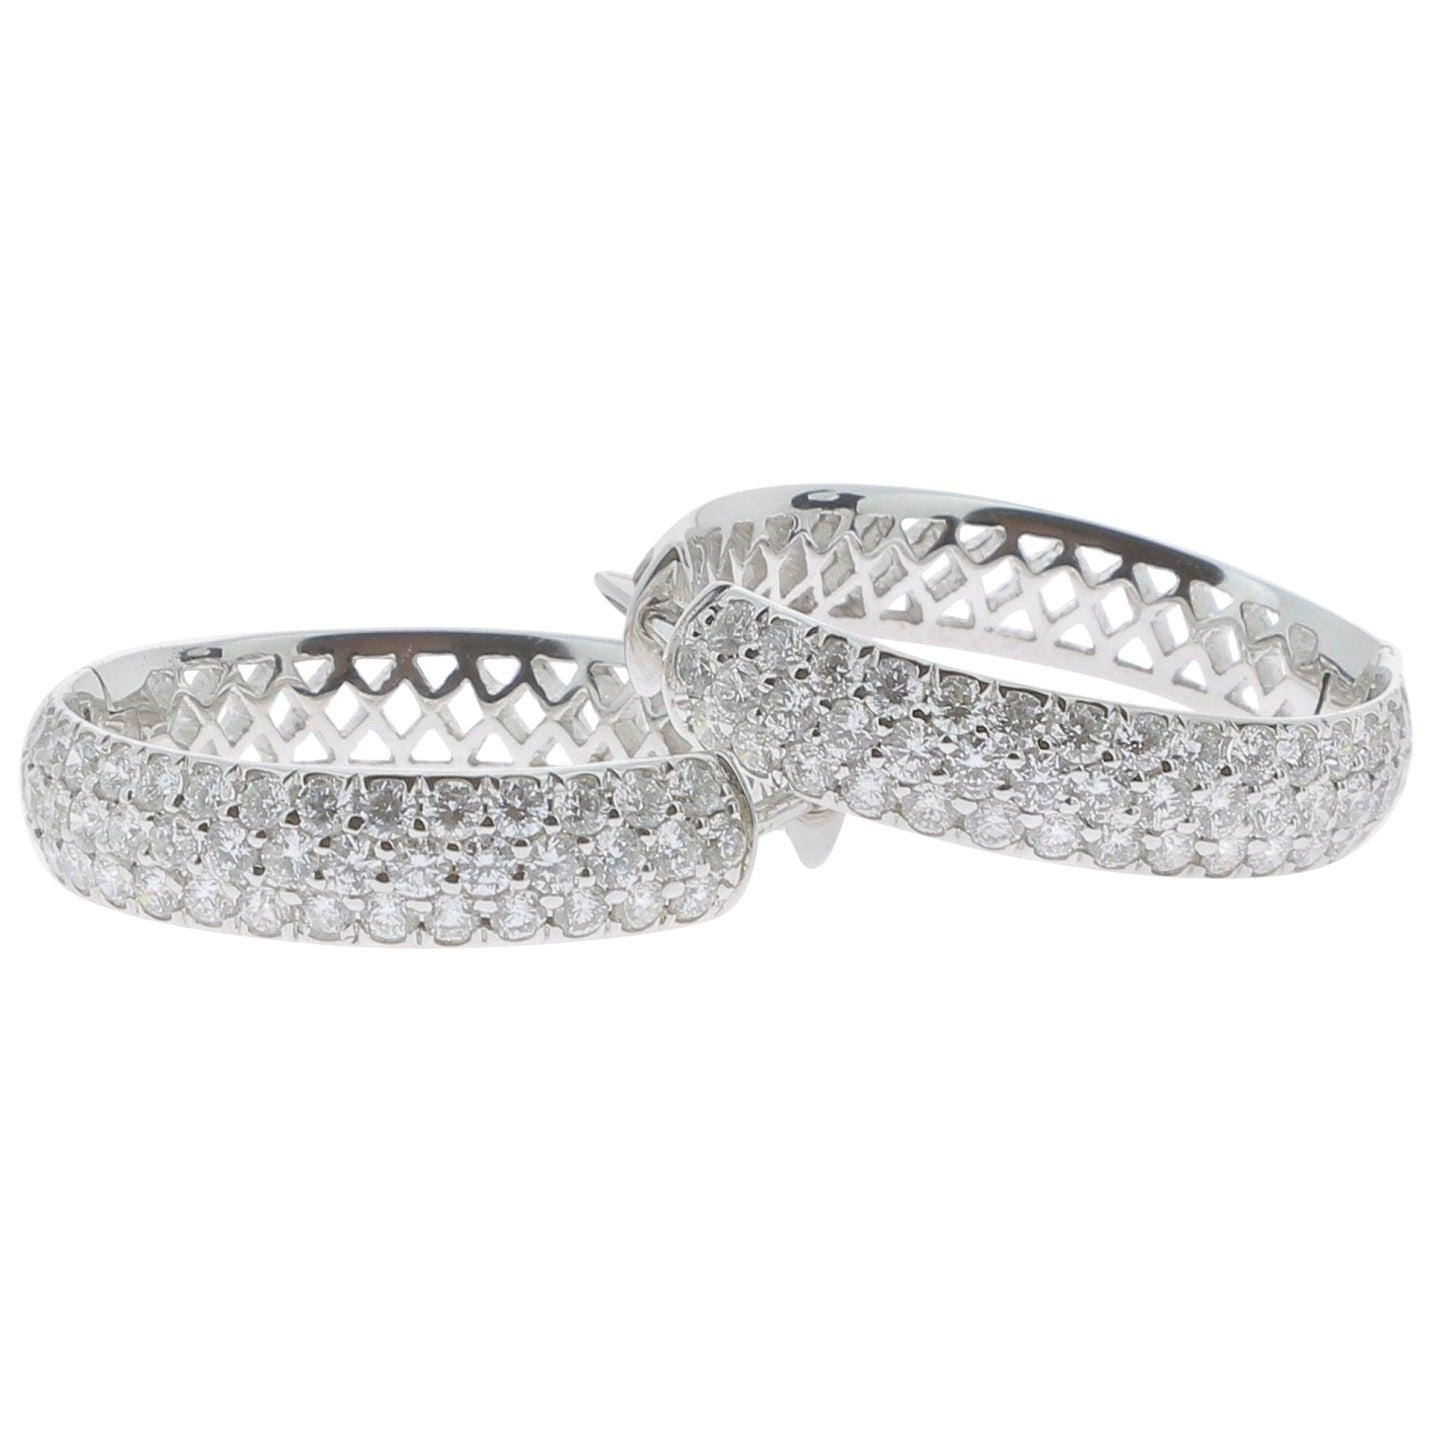 1.80 Carat Large Hoop Earrings 18K White Gold Hoop Gold Earrings Diamonds Hoops